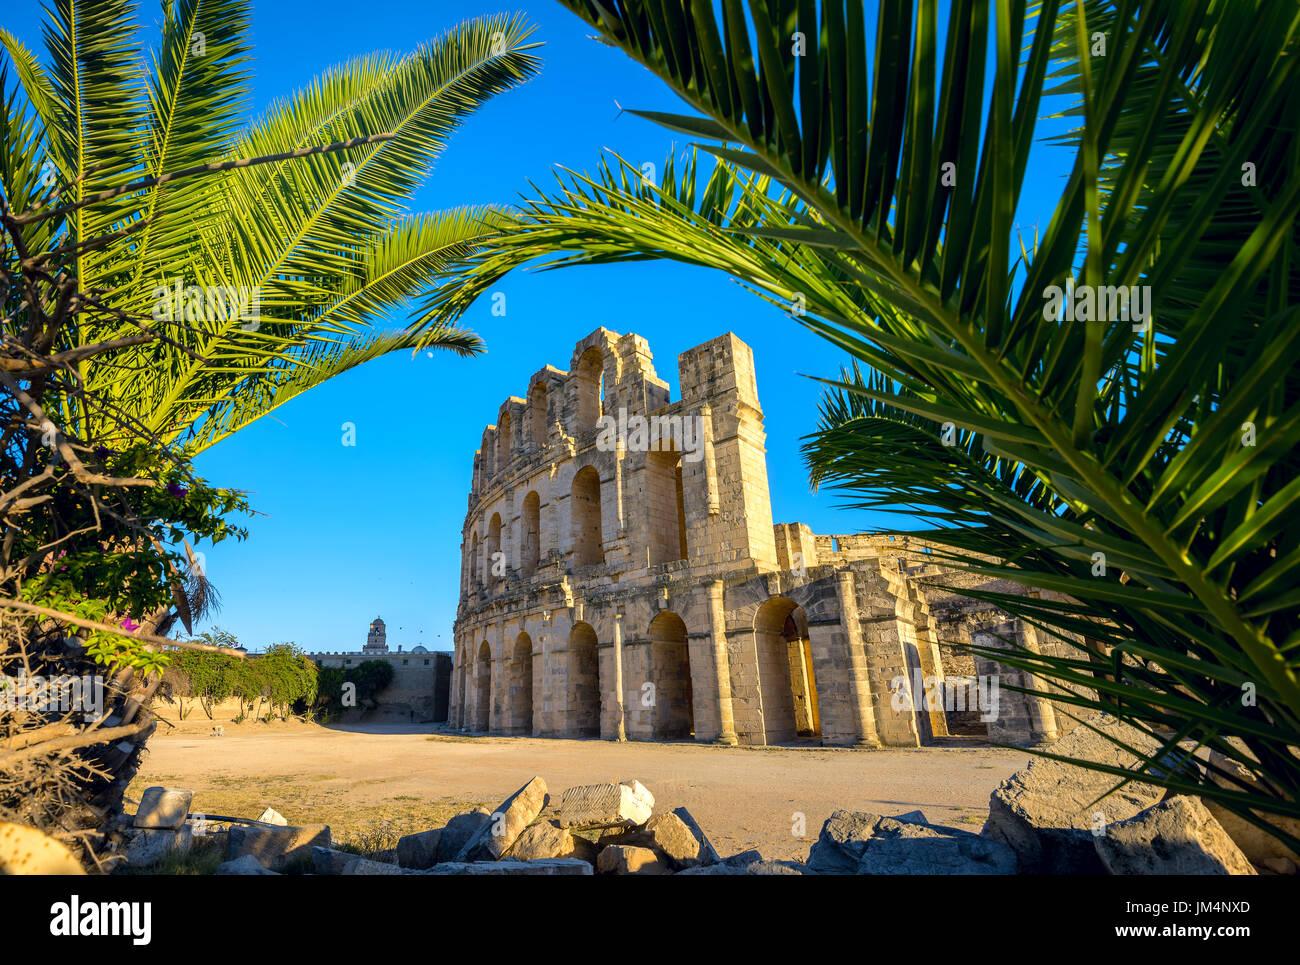 Anfiteatro romano en El Djem. Gobernación de Mahdia, Túnez, África del Norte Imagen De Stock